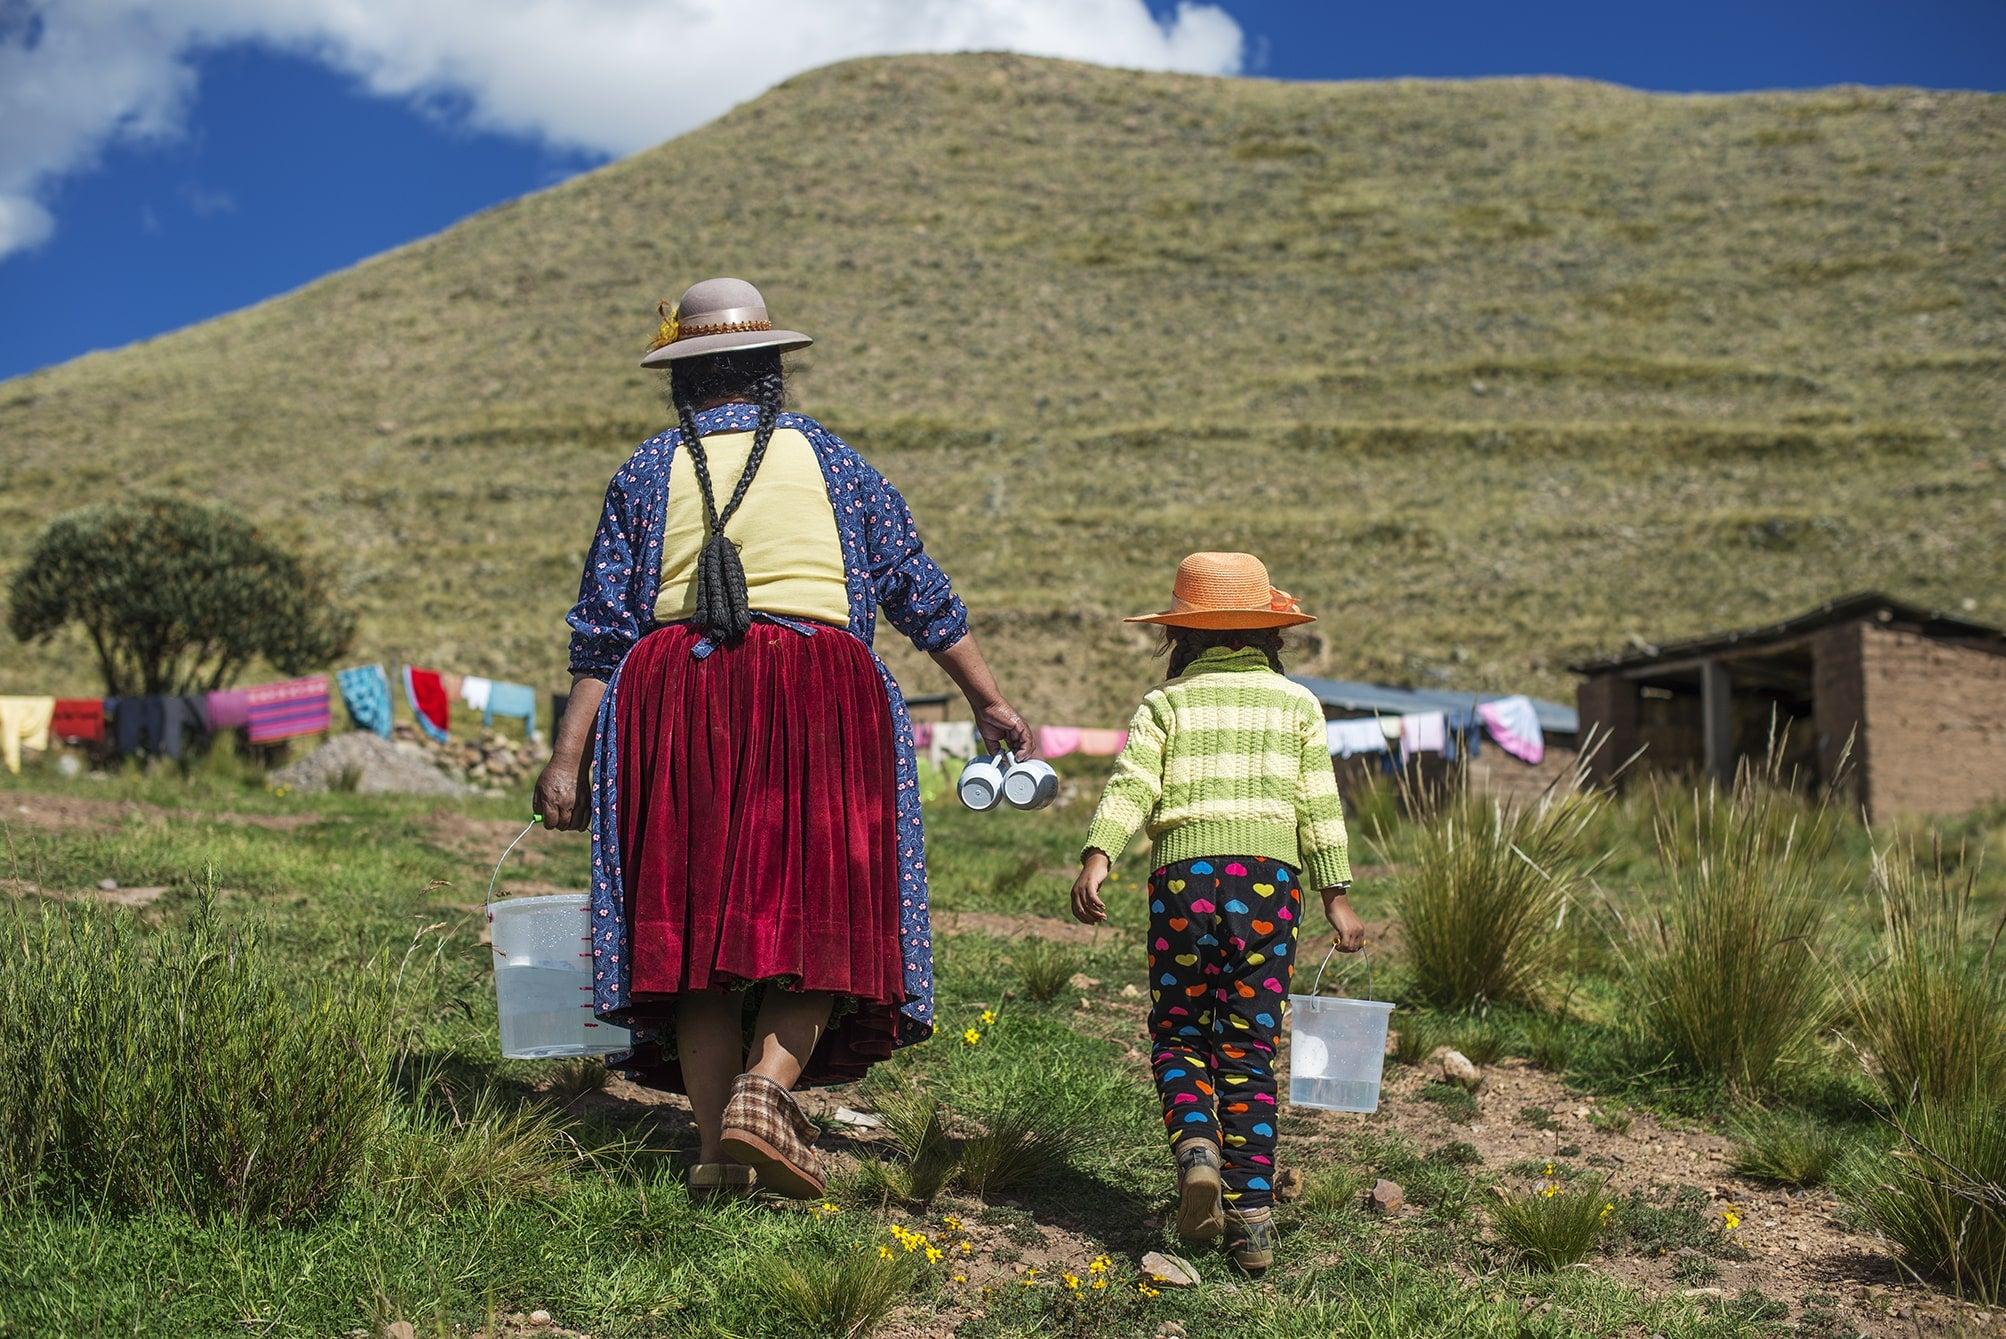 diversidad de cultura de pueblos indígenas